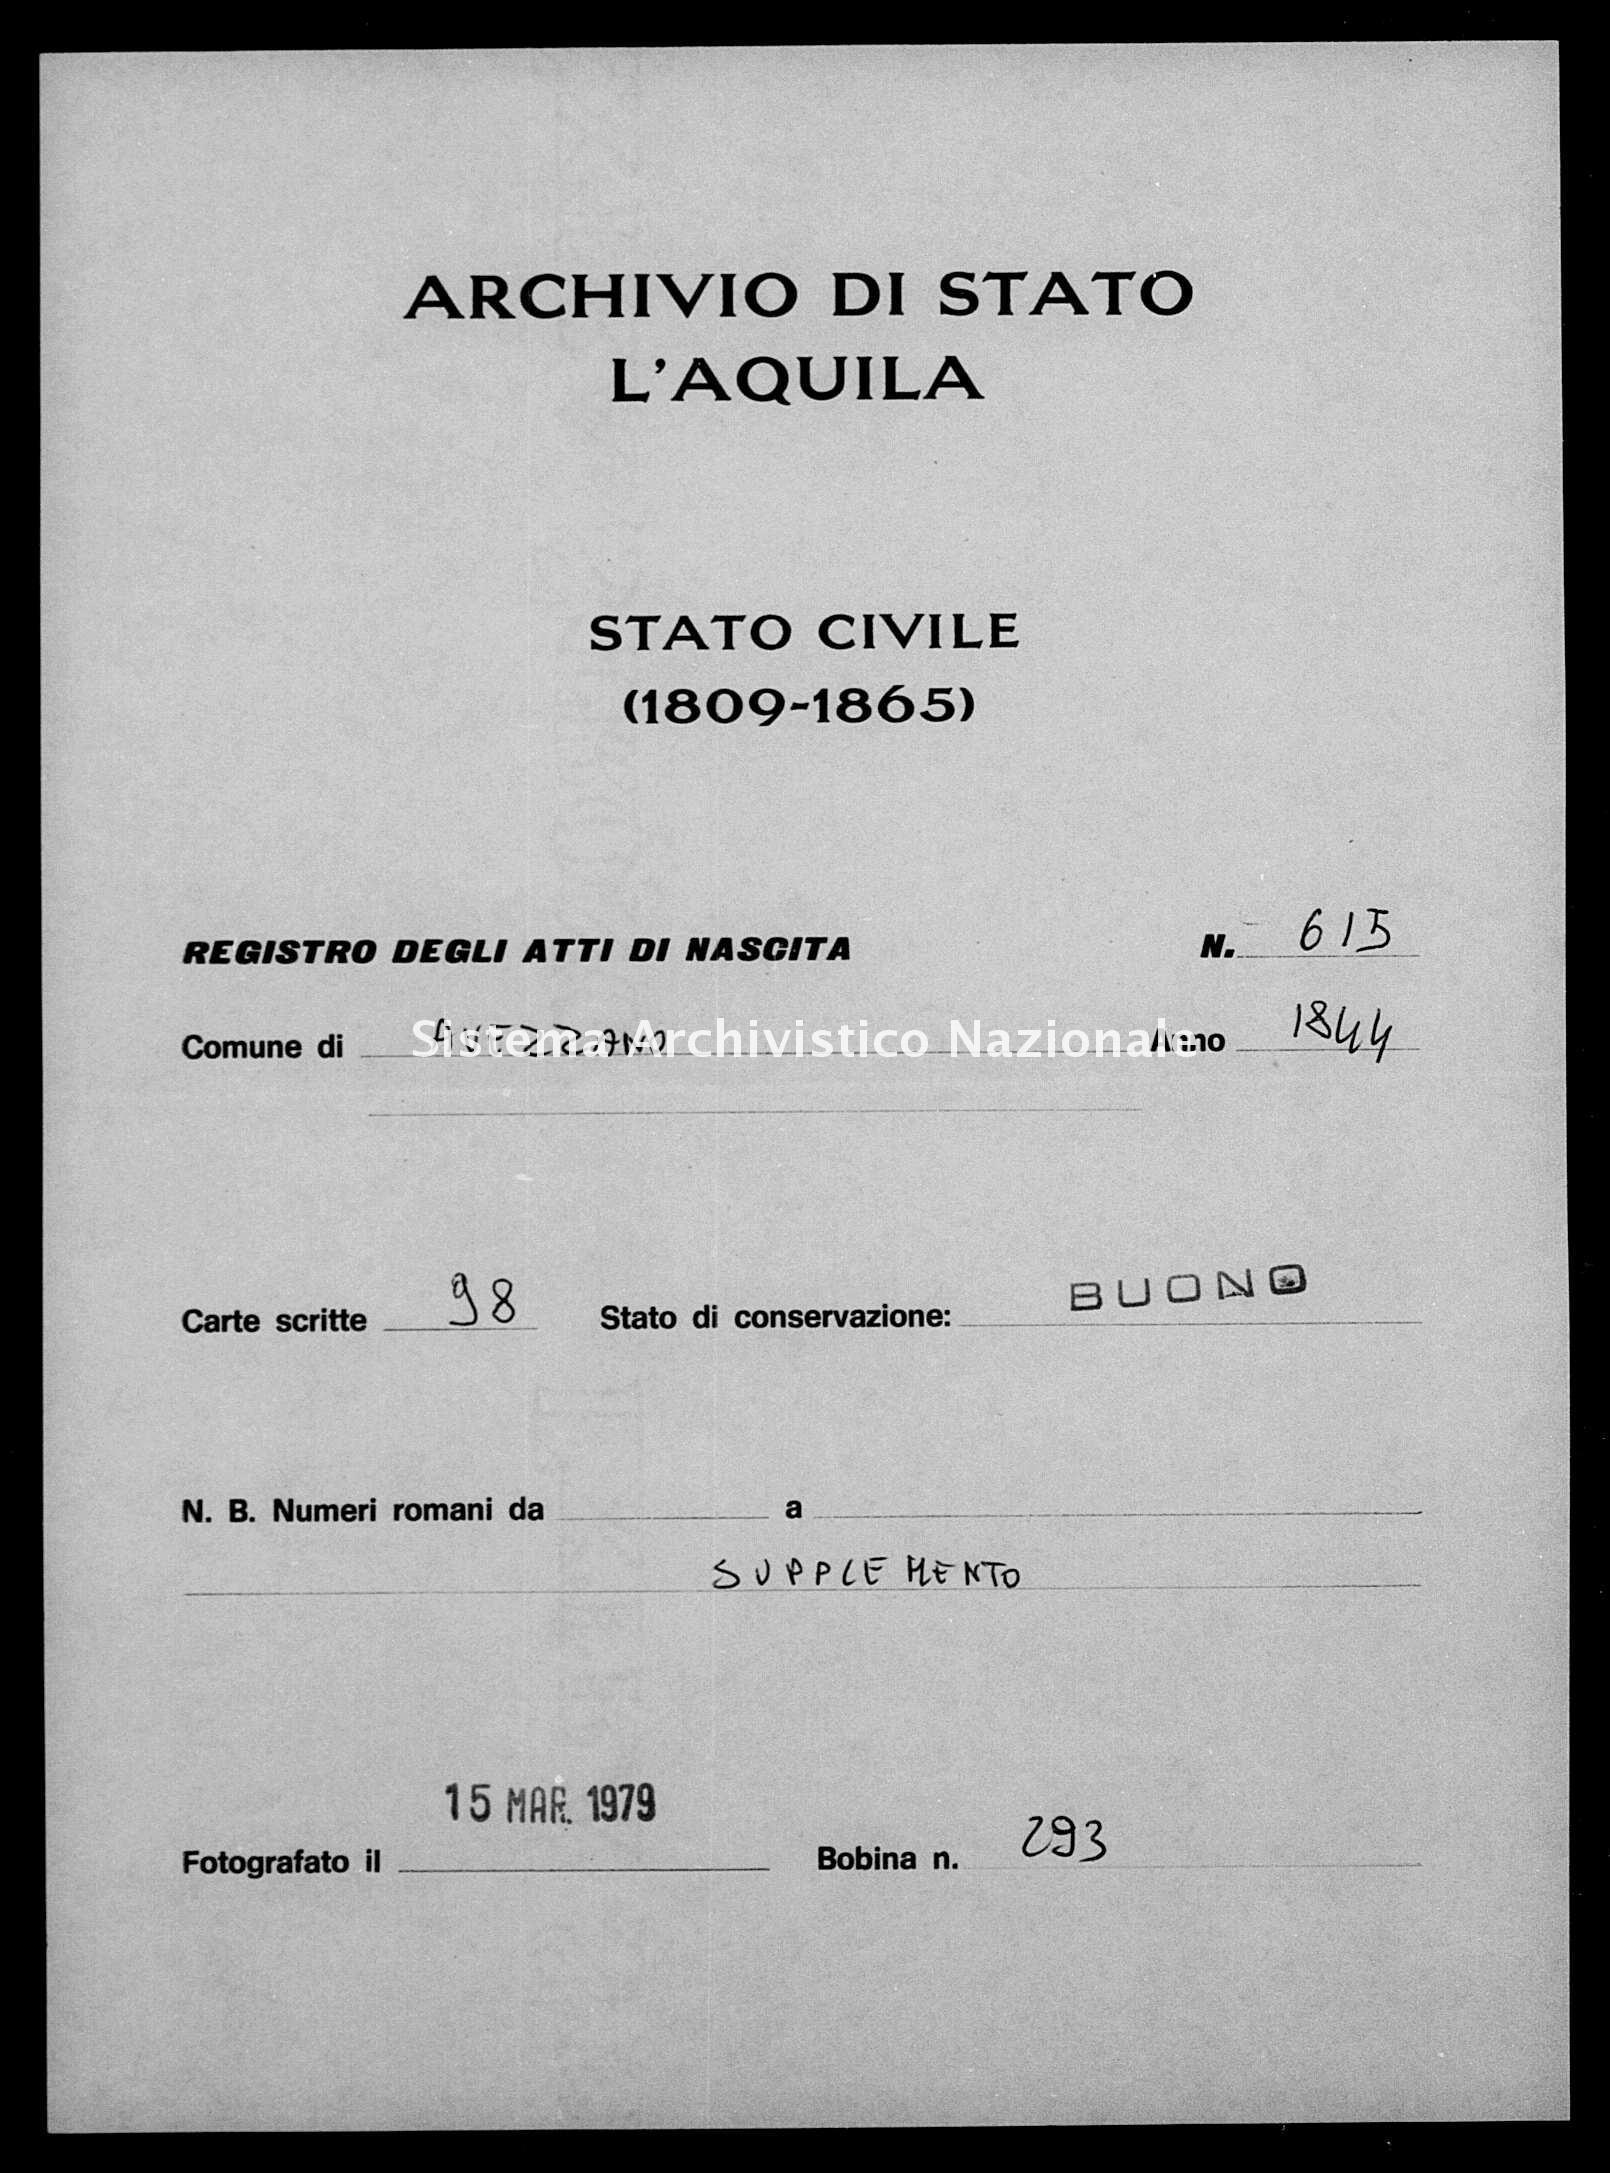 Archivio di stato di L'aquila - Stato civile della restaurazione - Avezzano - Nati, battesimi - 1845 - 616 -